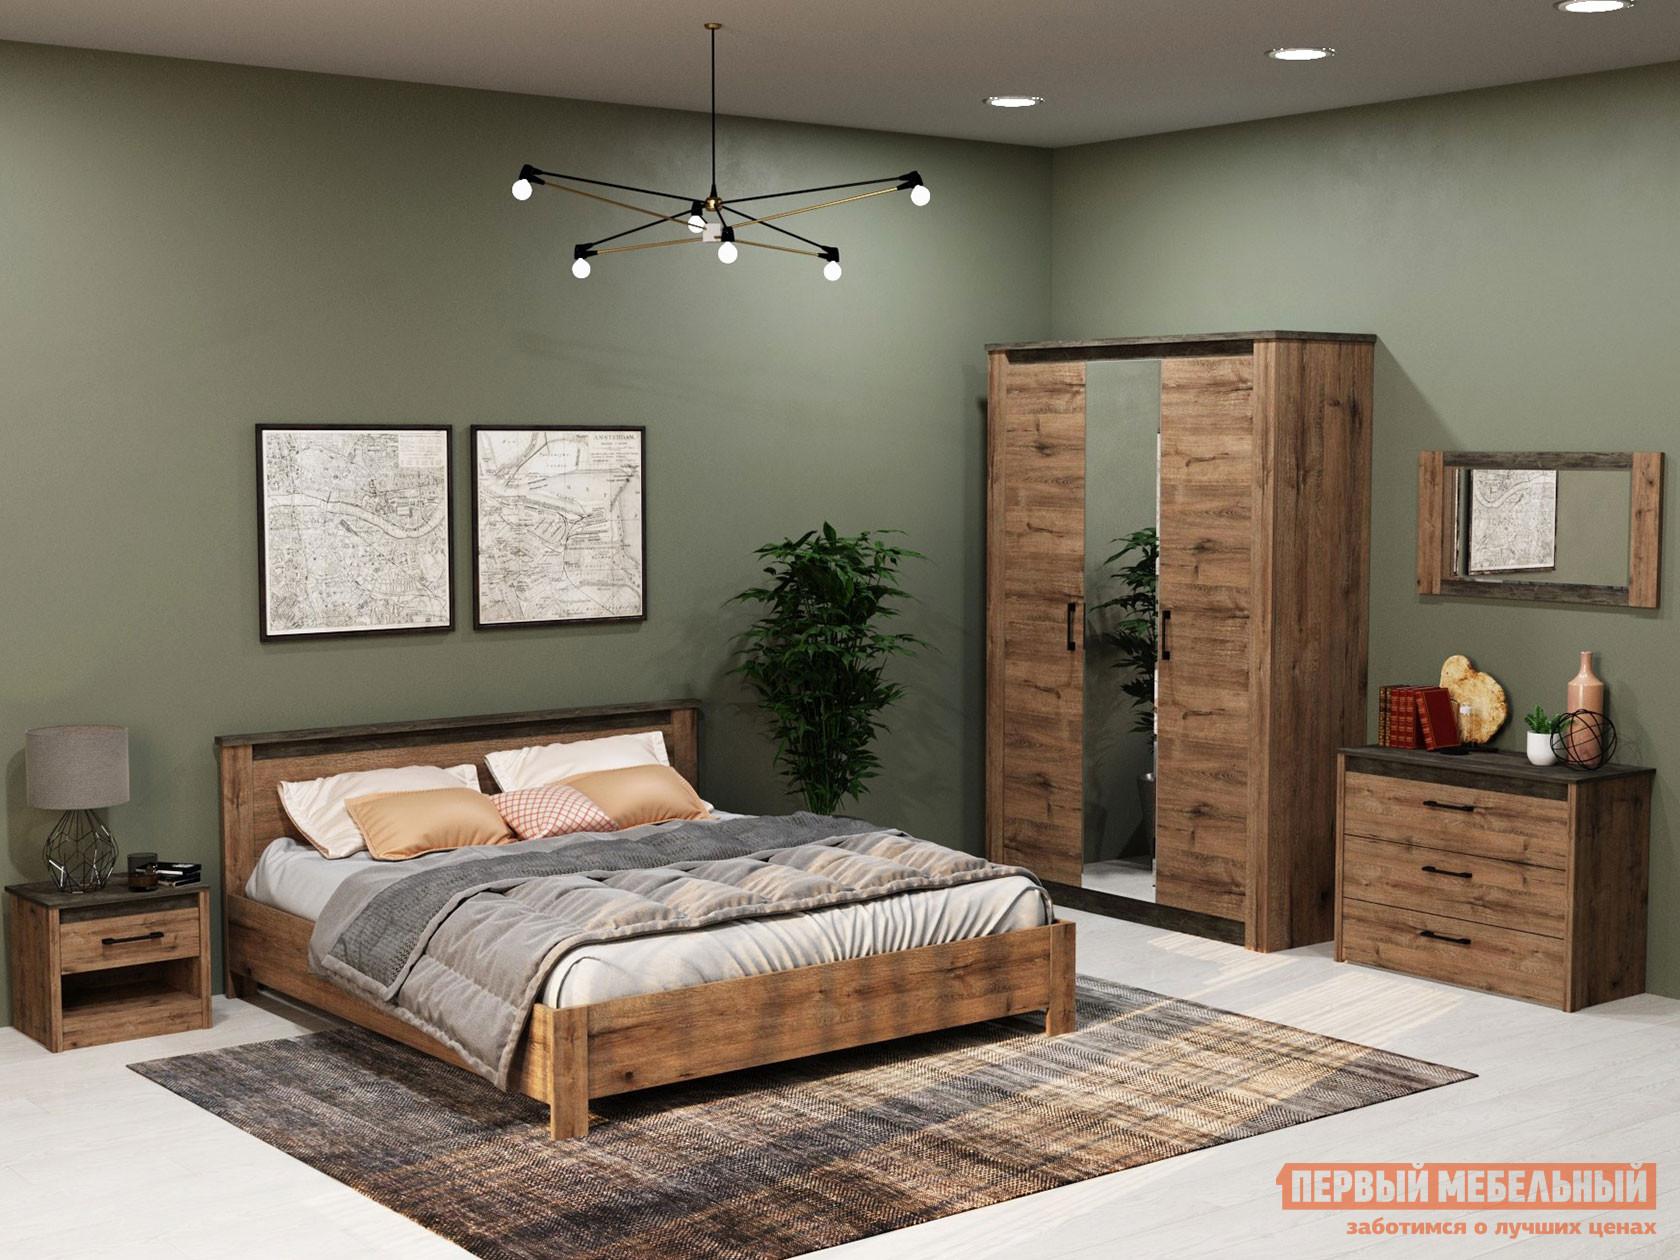 Спальный гарнитур Первый Мебельный Комплект мебели для спальни Денвер С1